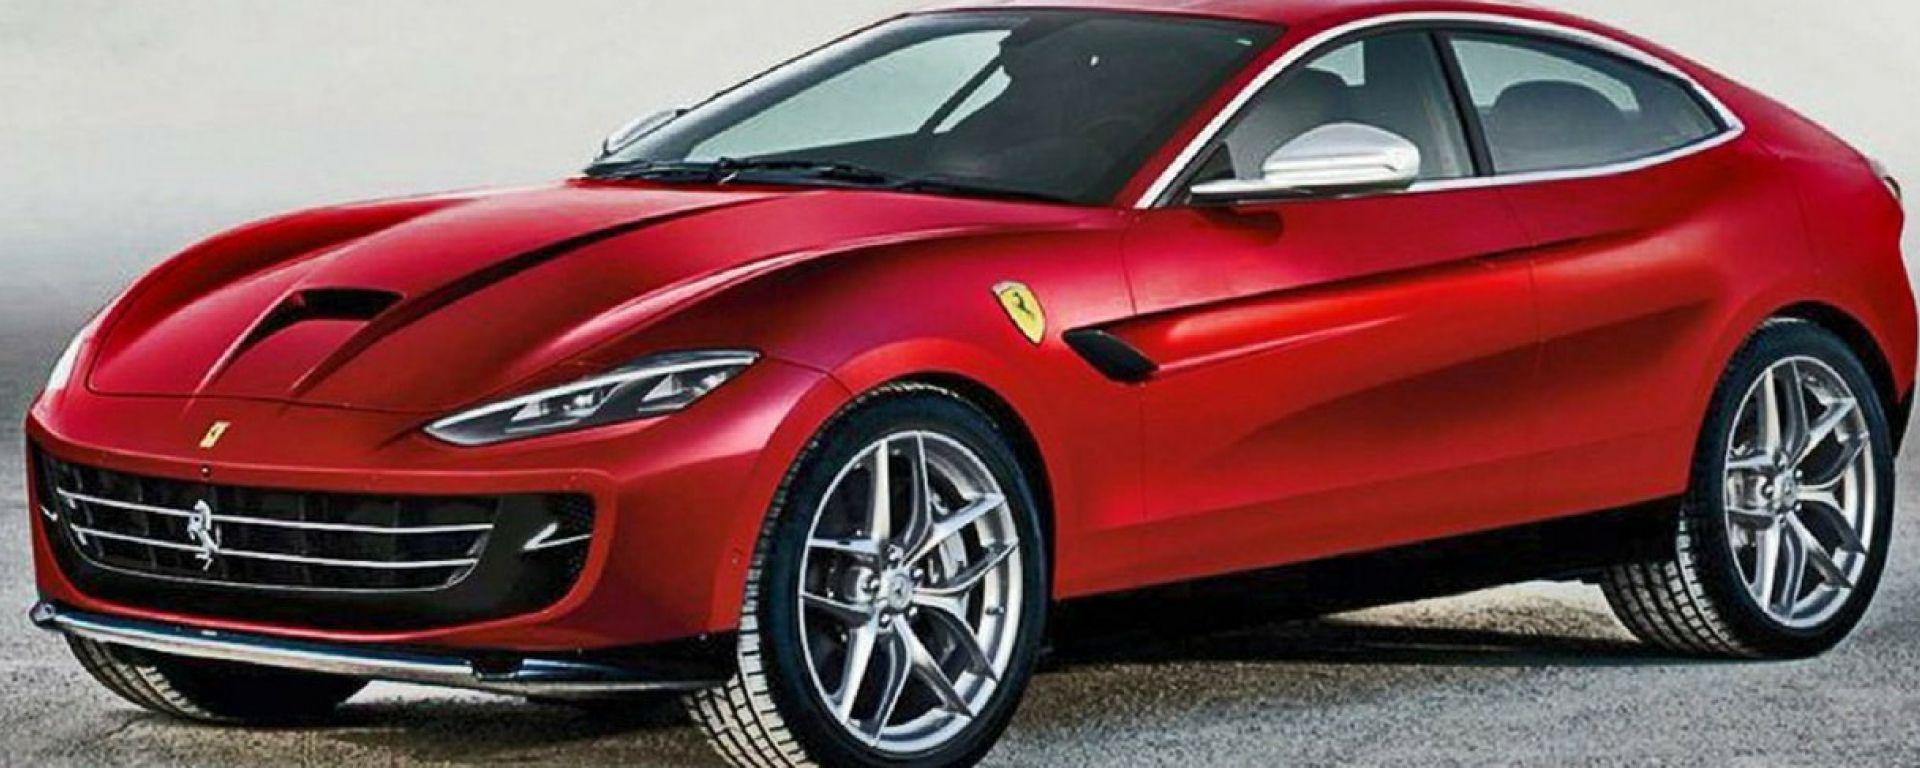 Ferrari Purosangue, il render del designer E. Milano